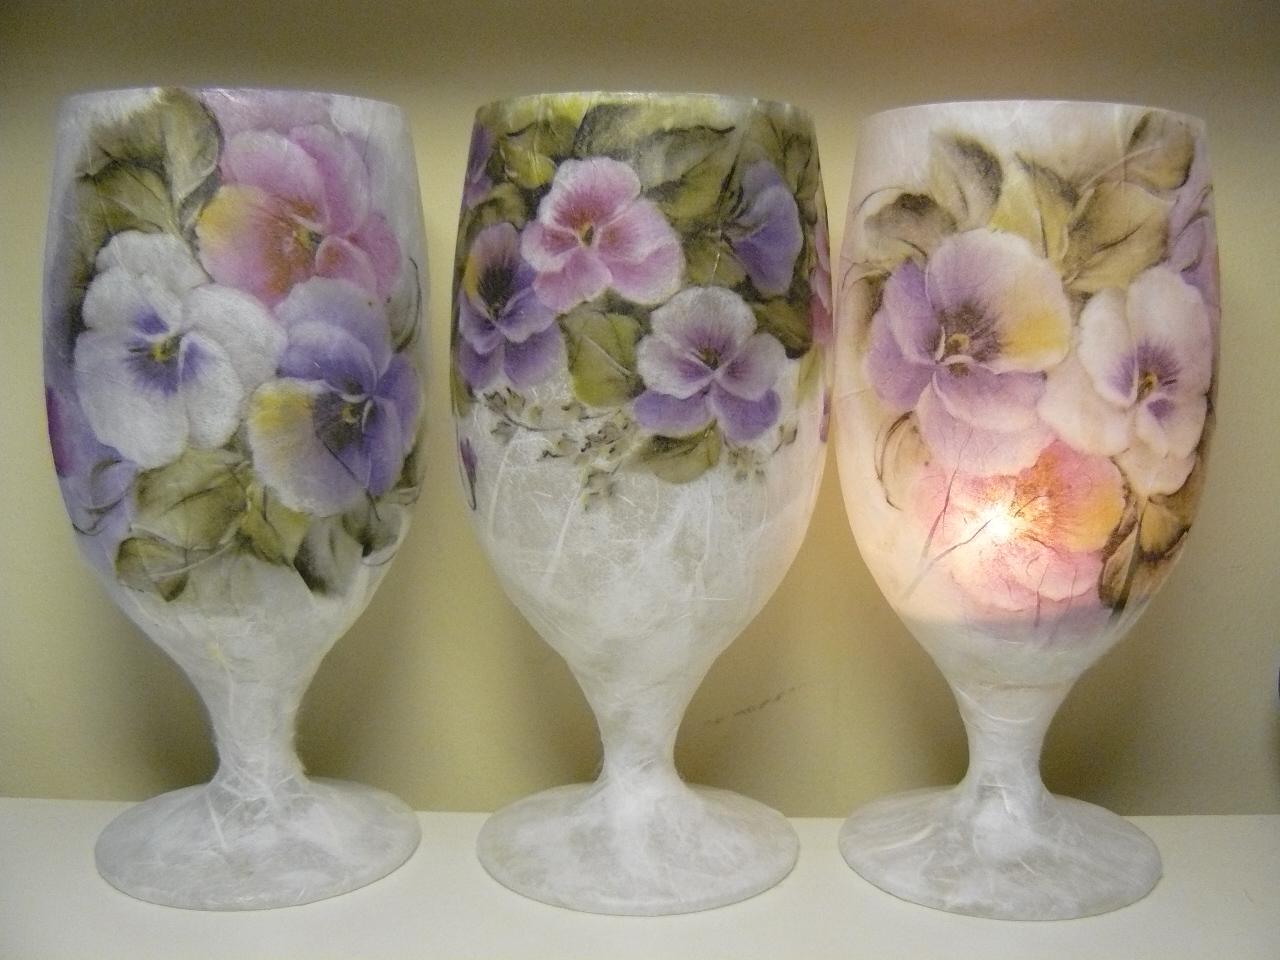 marta lapkowska decoupage glasses kieliszki decoupage